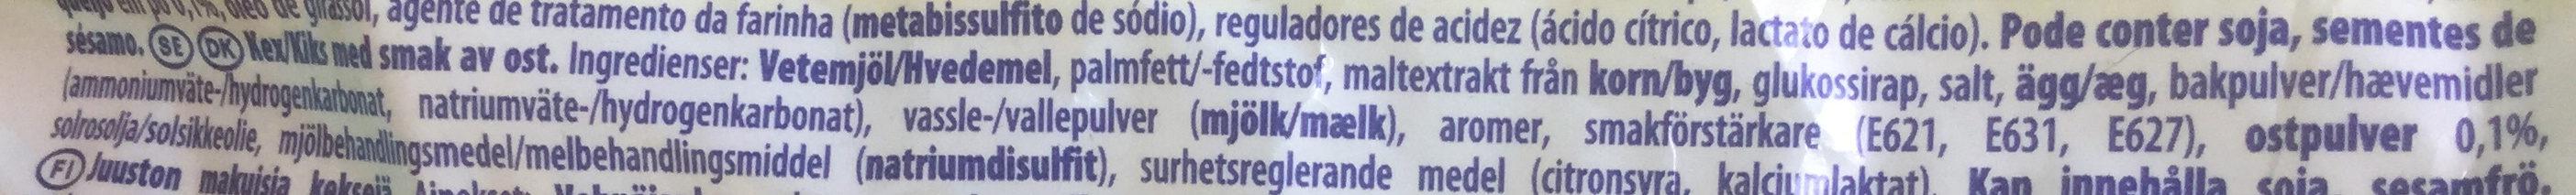 TUC Cheese flavour - Ingredienser - da